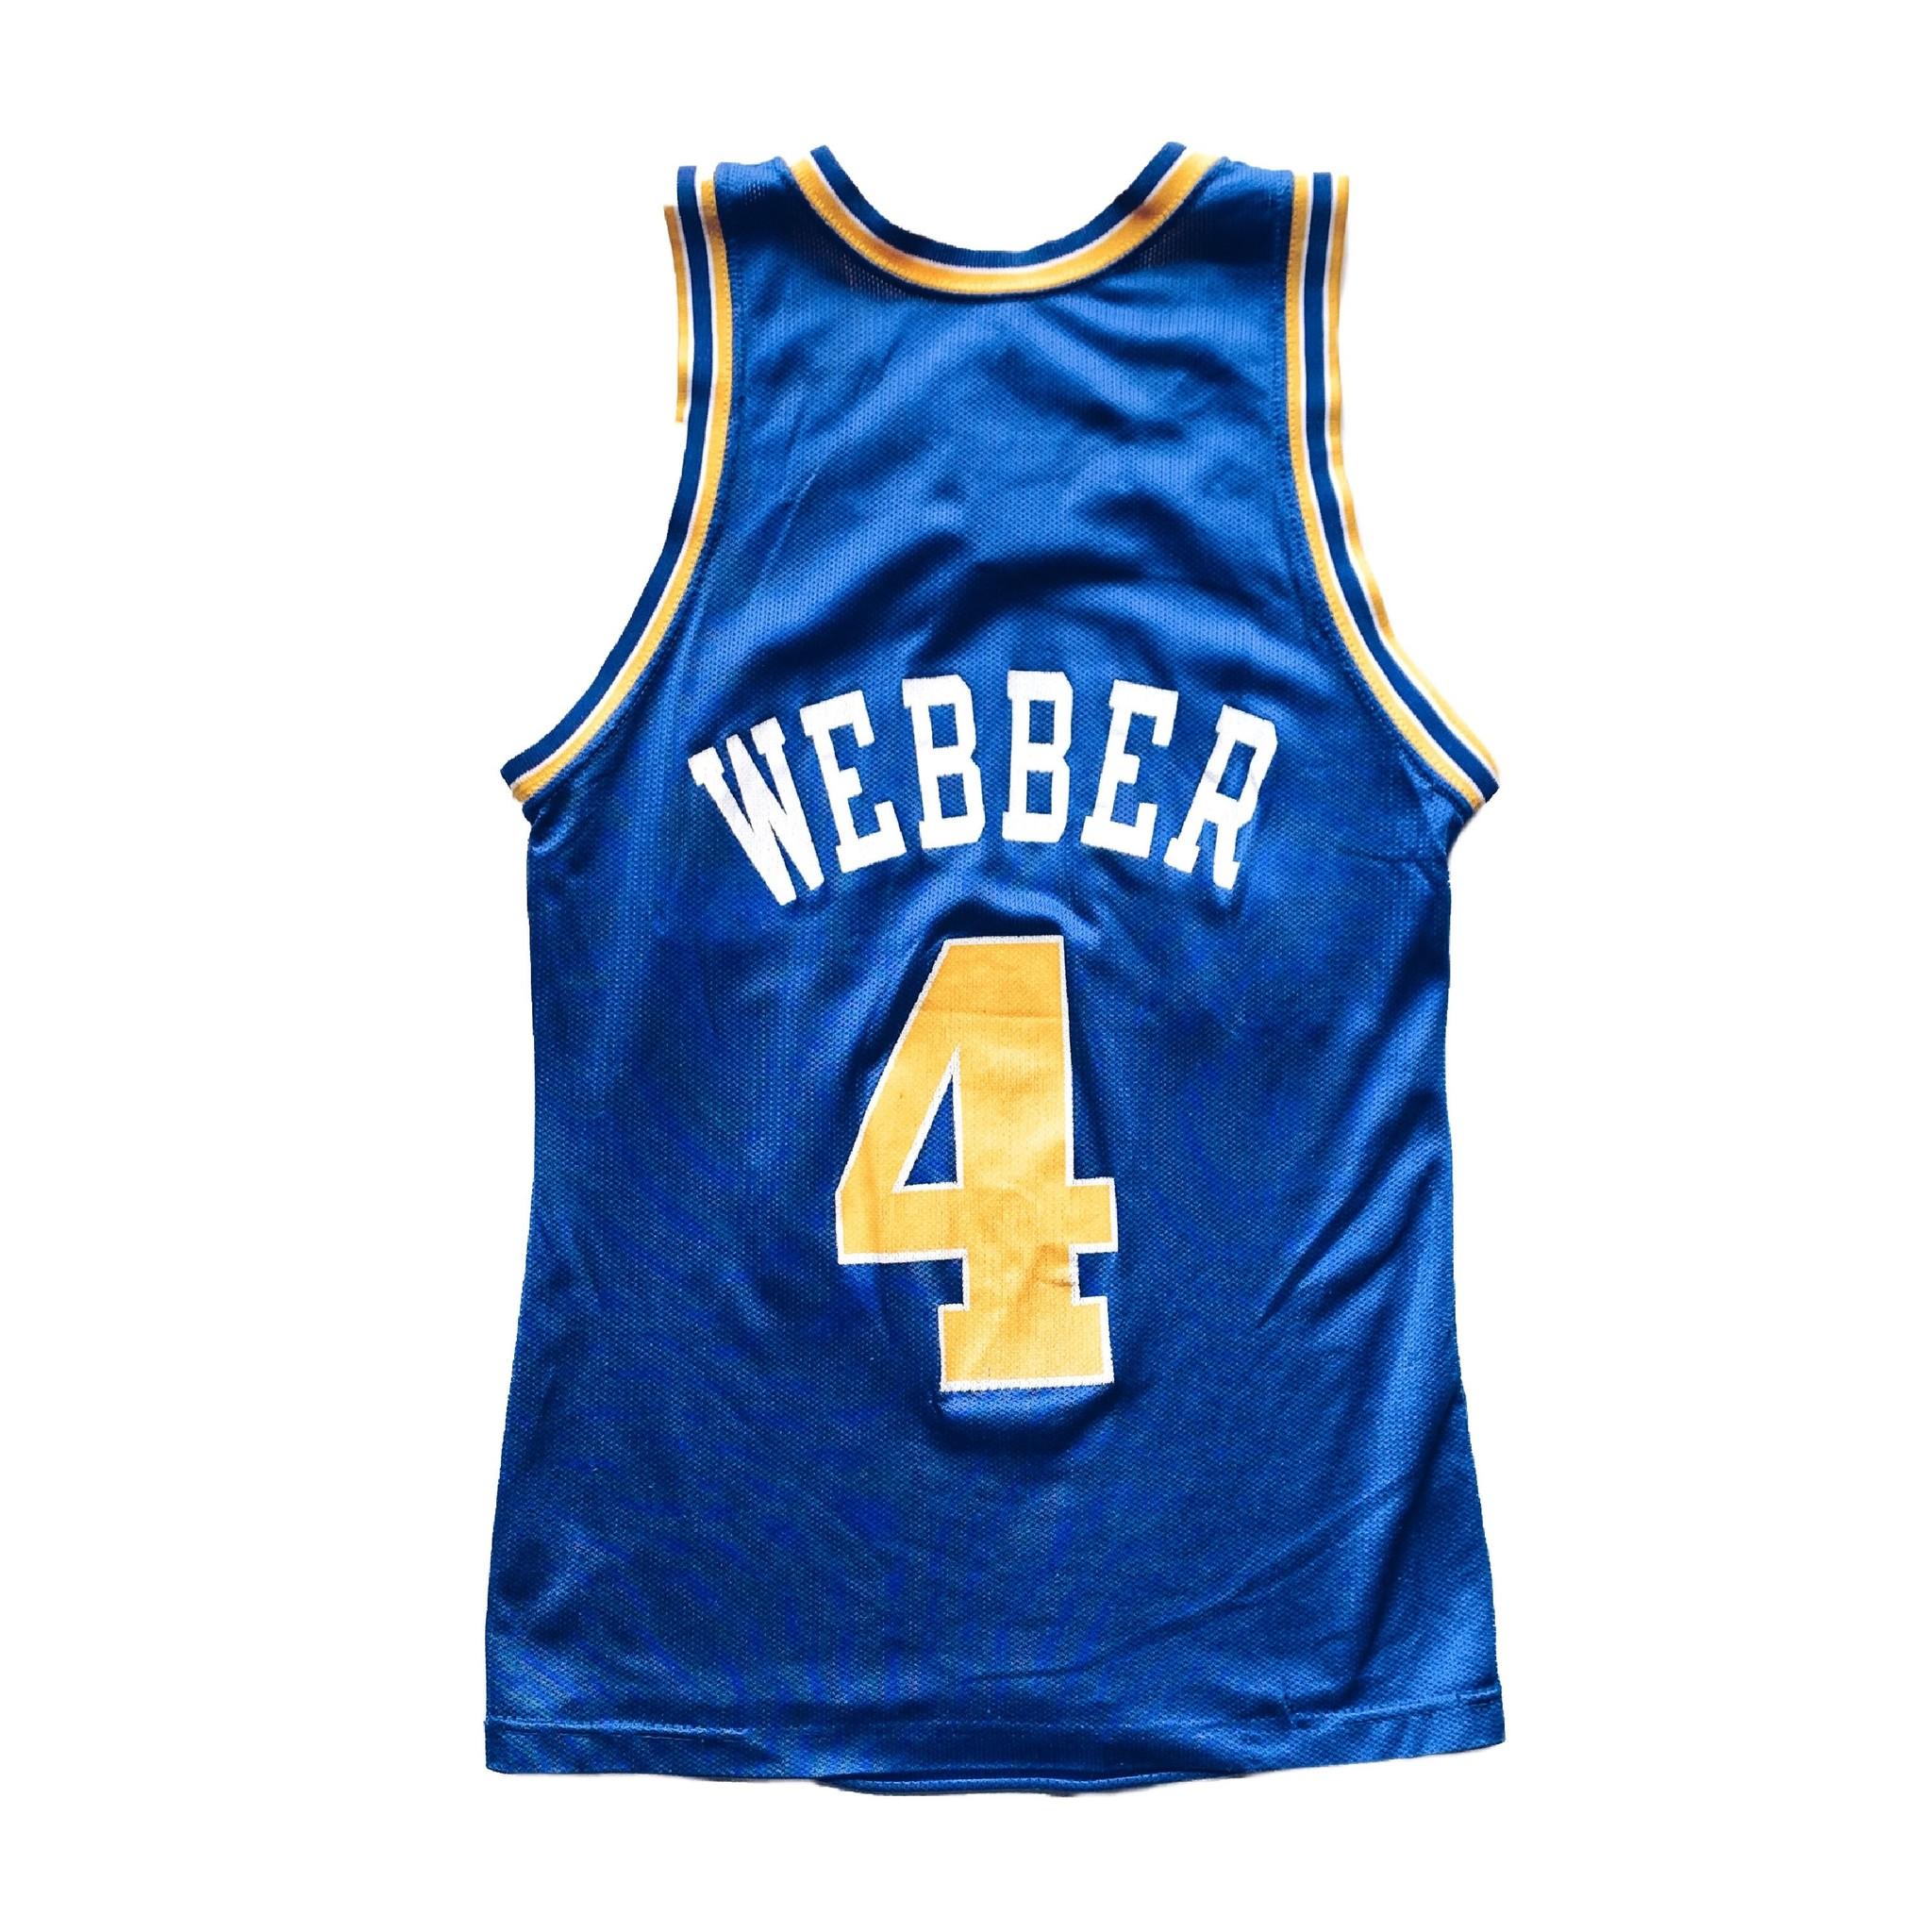 Vintage Vintage Jug Webber Youth Jersey